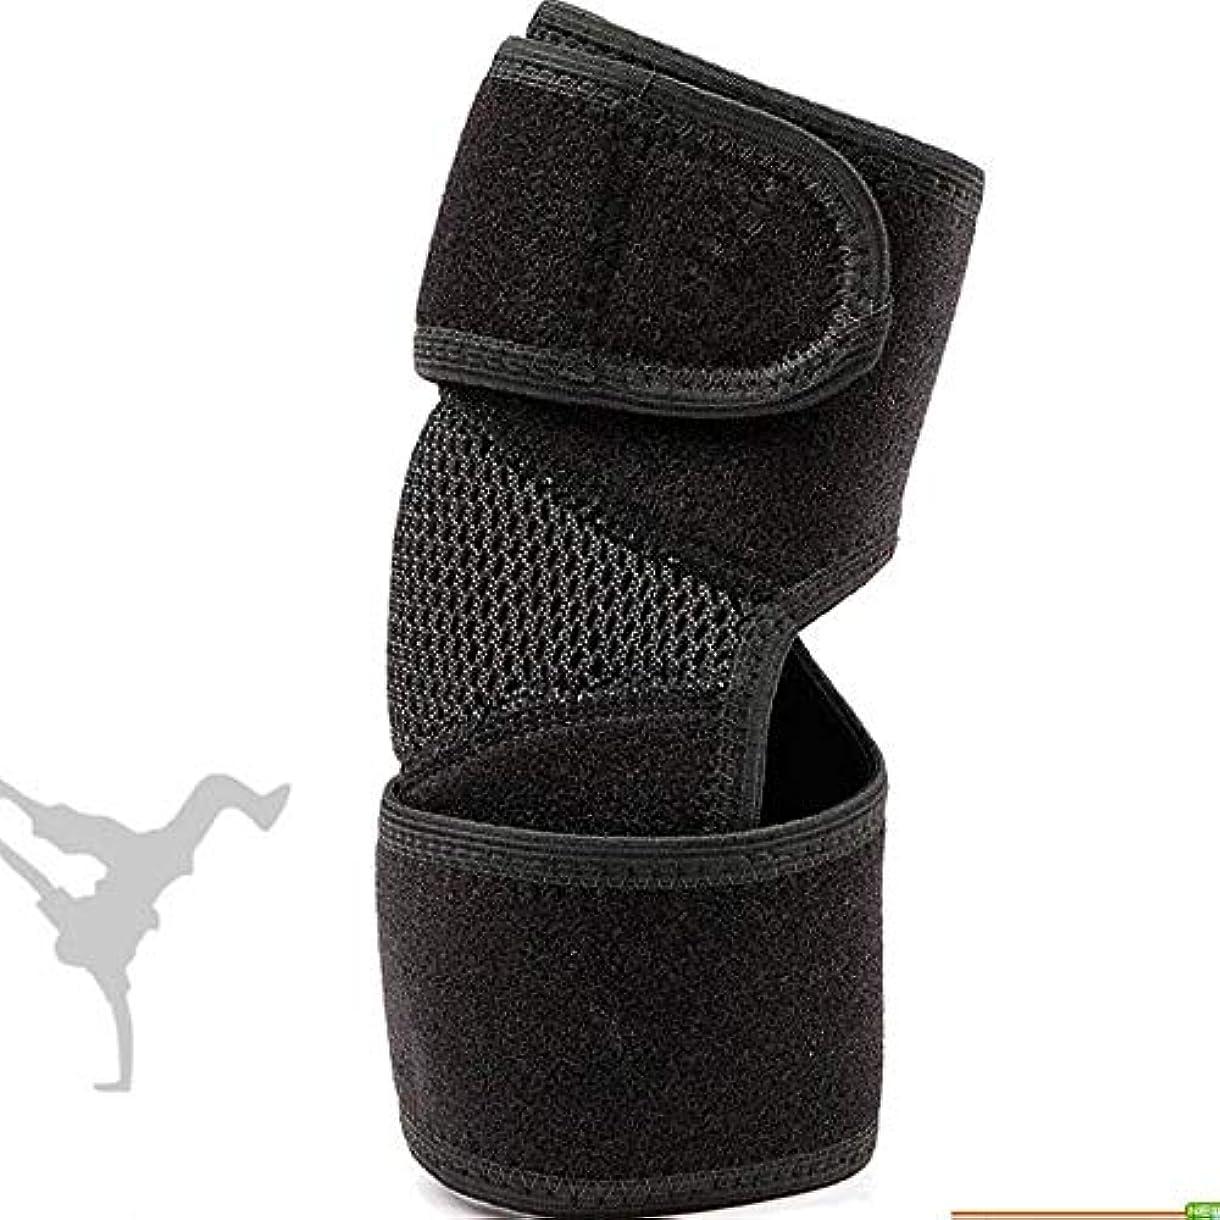 レッドデート業界オリエンテーション調節可能な 腕陸上競技の保護者のスポーツ保護するクラッシュ耐性の弾力性エルボーブレースランスポーツマンディフェンダー - ブラック